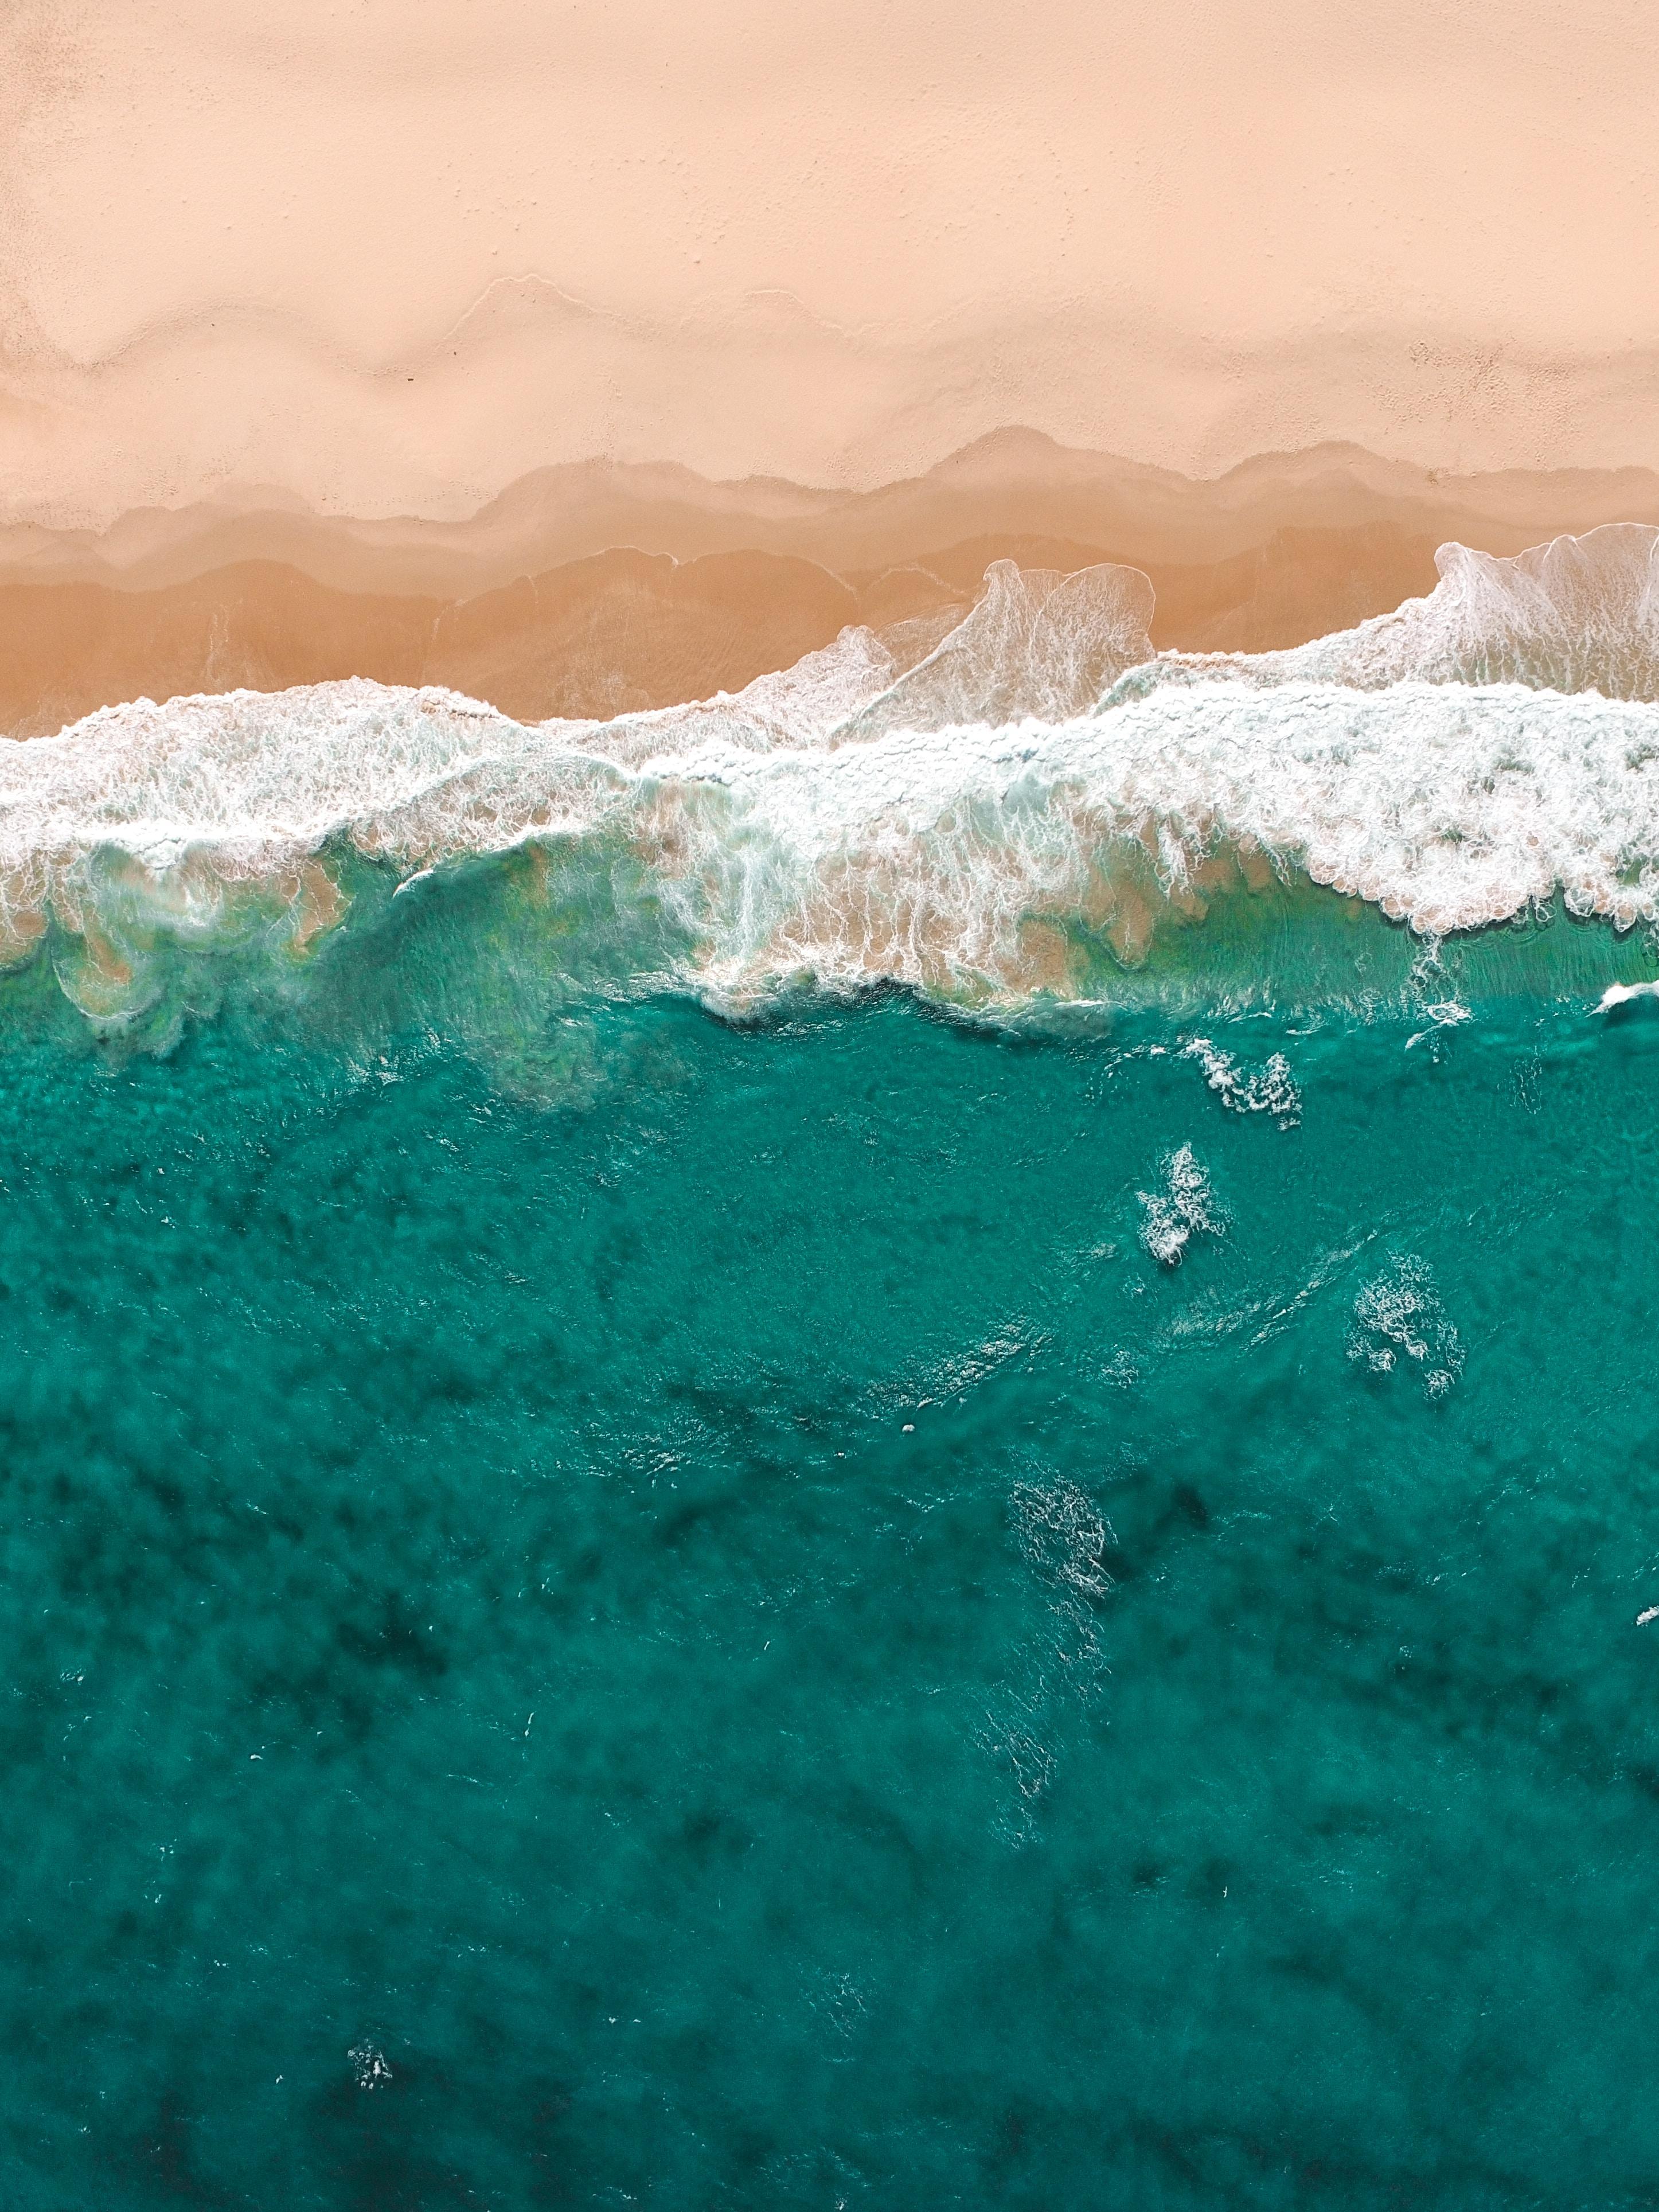 Ocean Photo By Joel Vodell Joelvodell On Unsplash